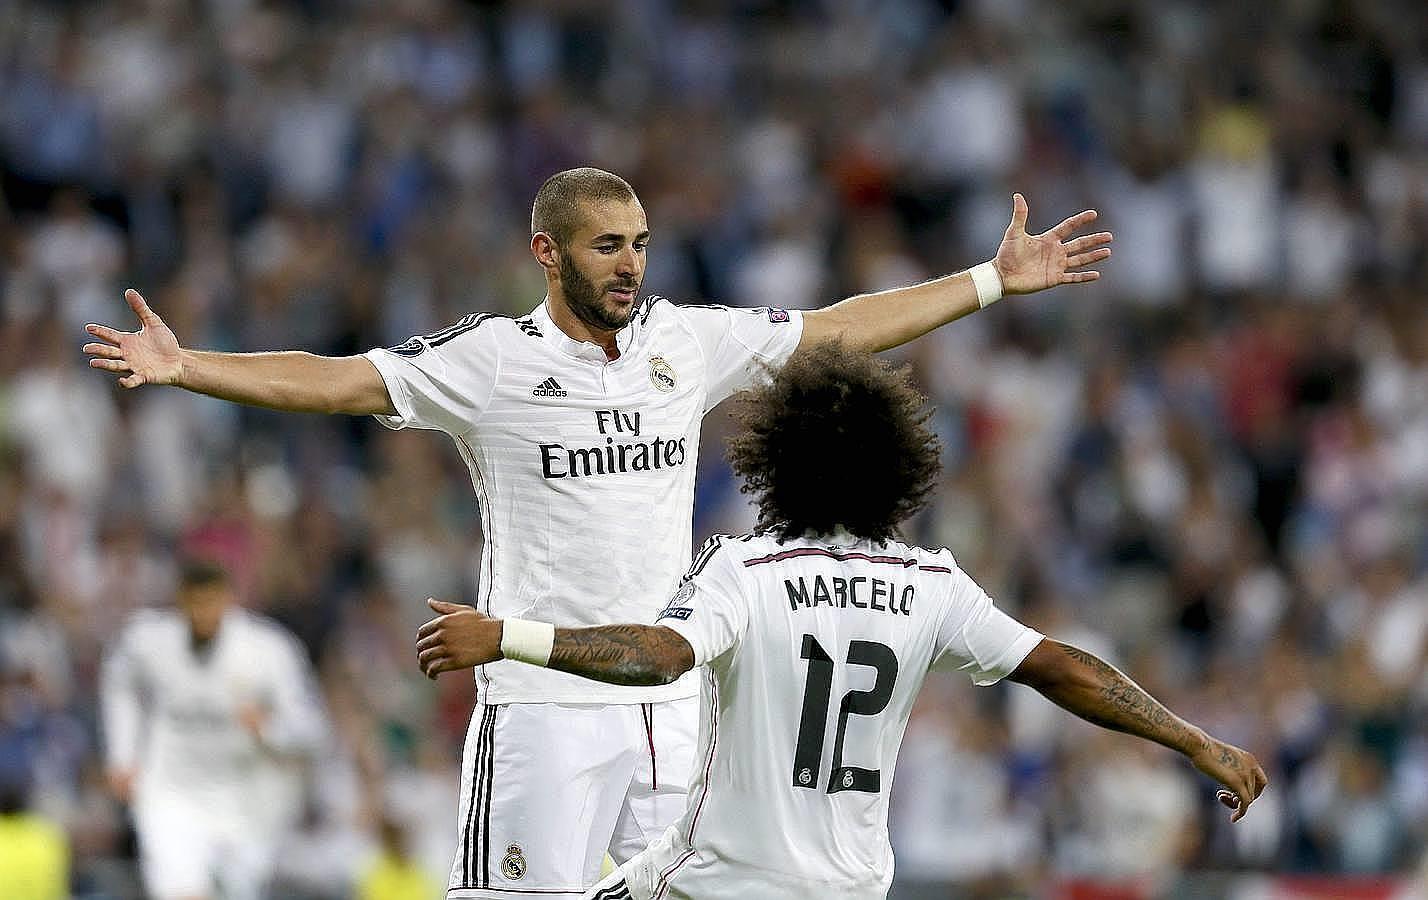 El Real Madrid se estrena con victoria en la Champions League